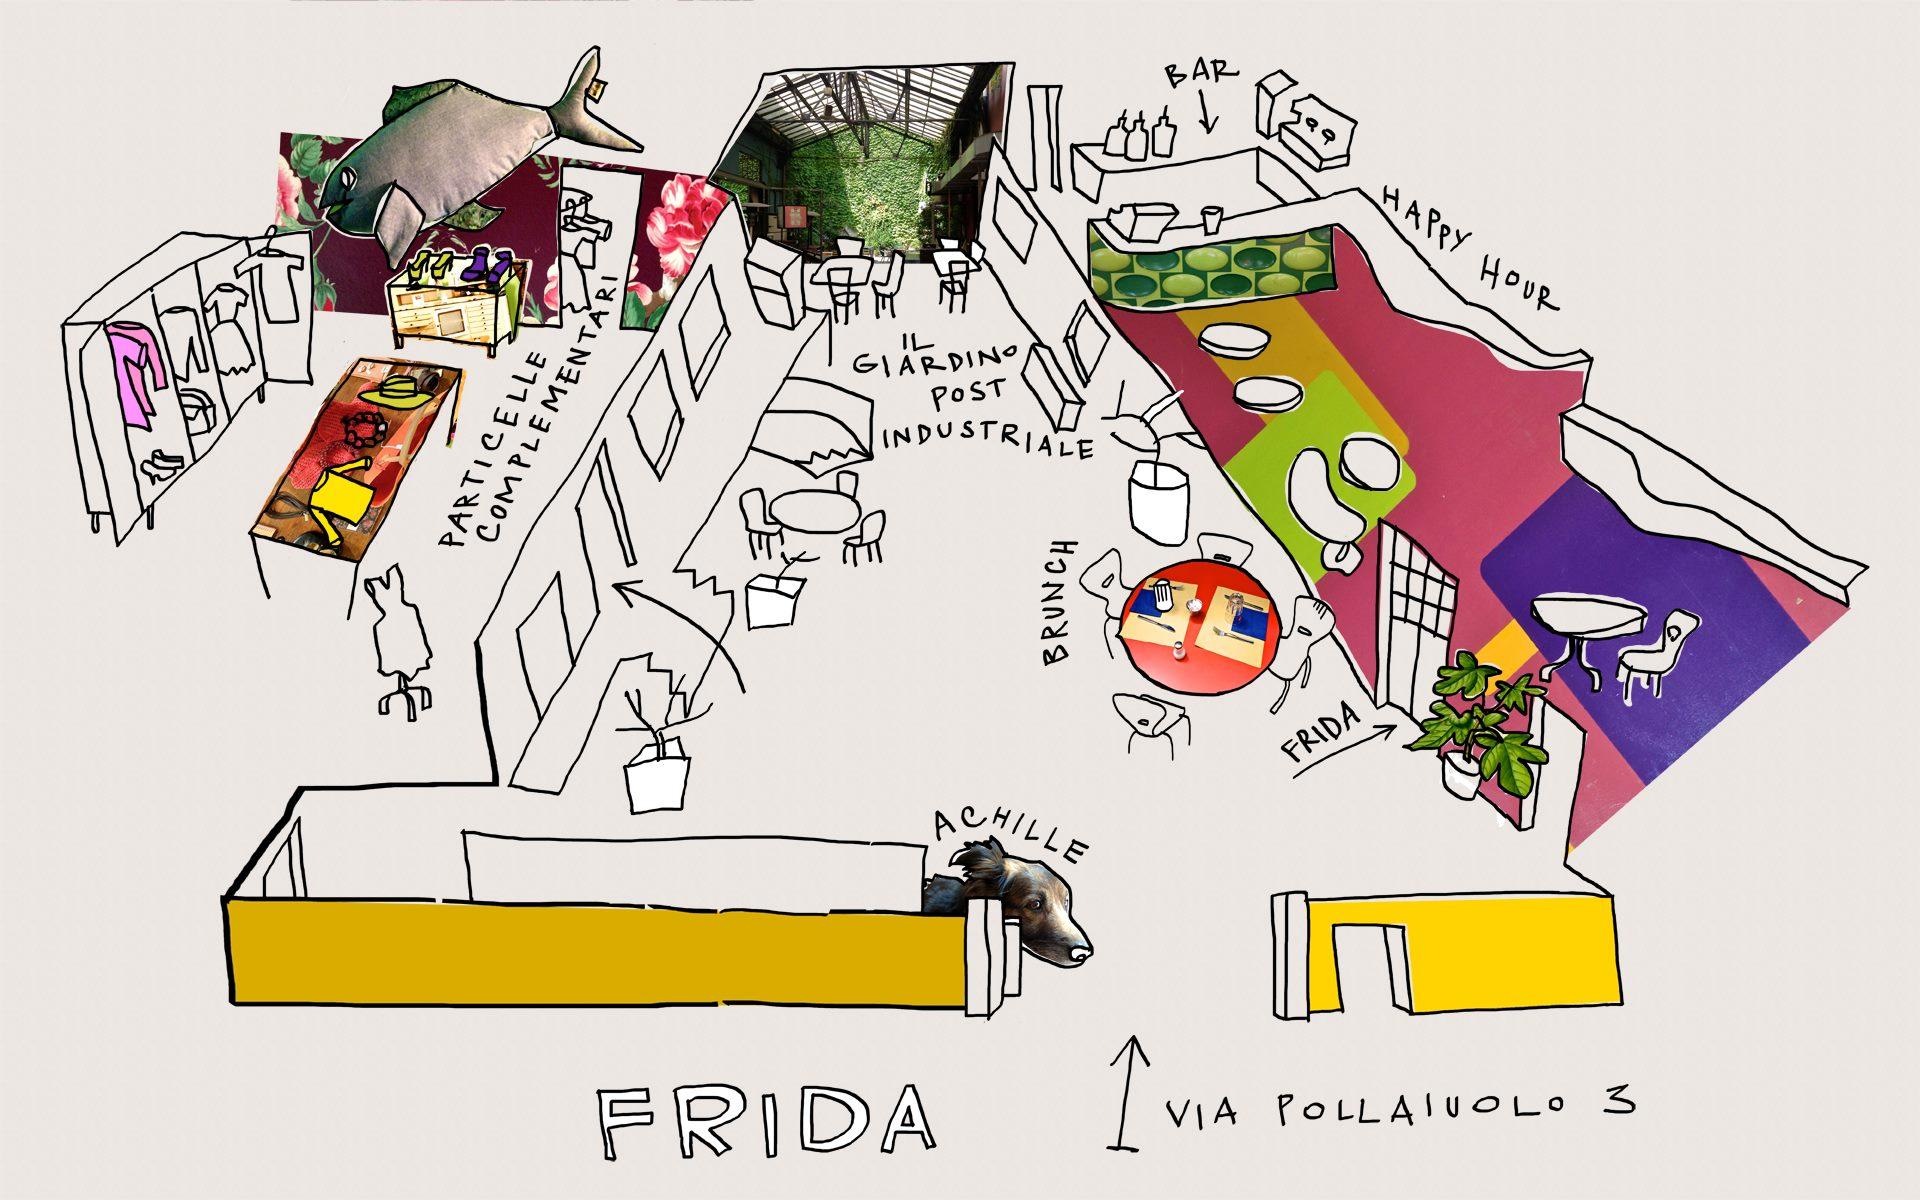 Frida Bar e Particelle Elementari